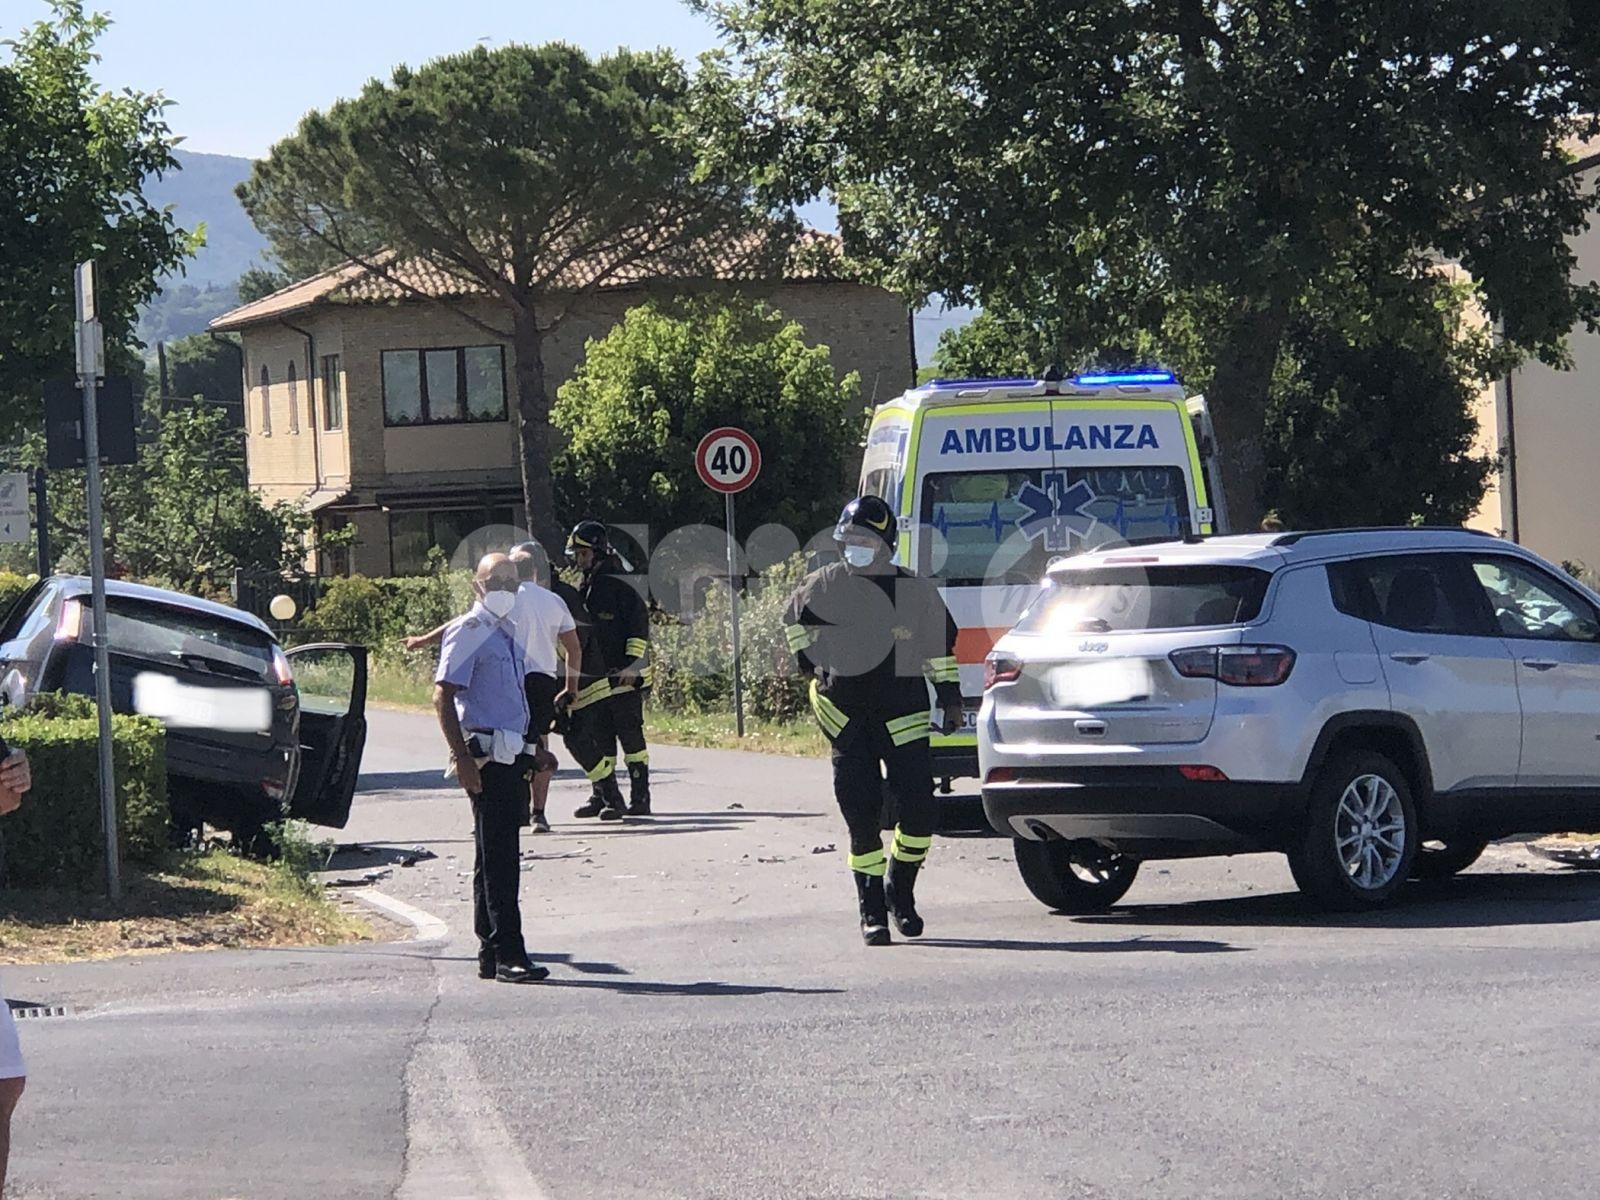 Incidente all'incrocio di via Valecchie, ingenti danni ai mezzi (foto)